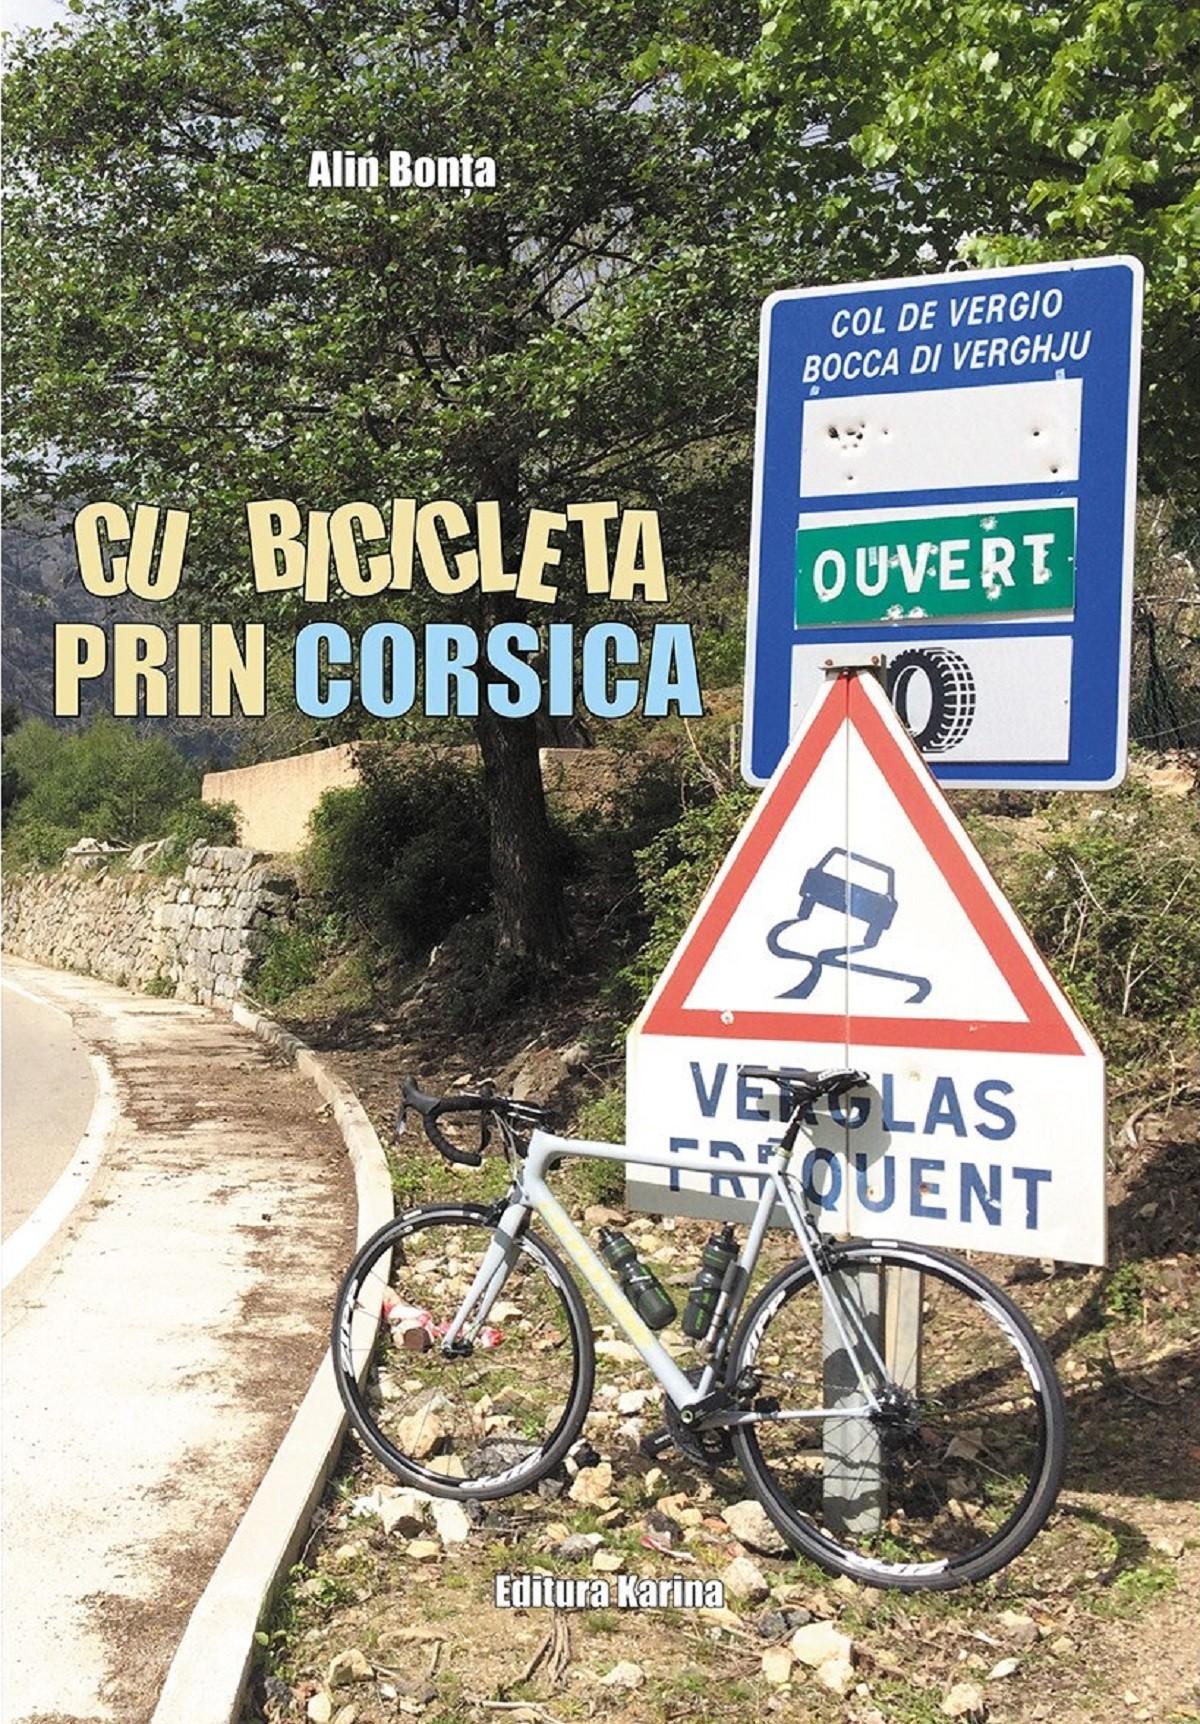 Cu Bicicleta In Corsica